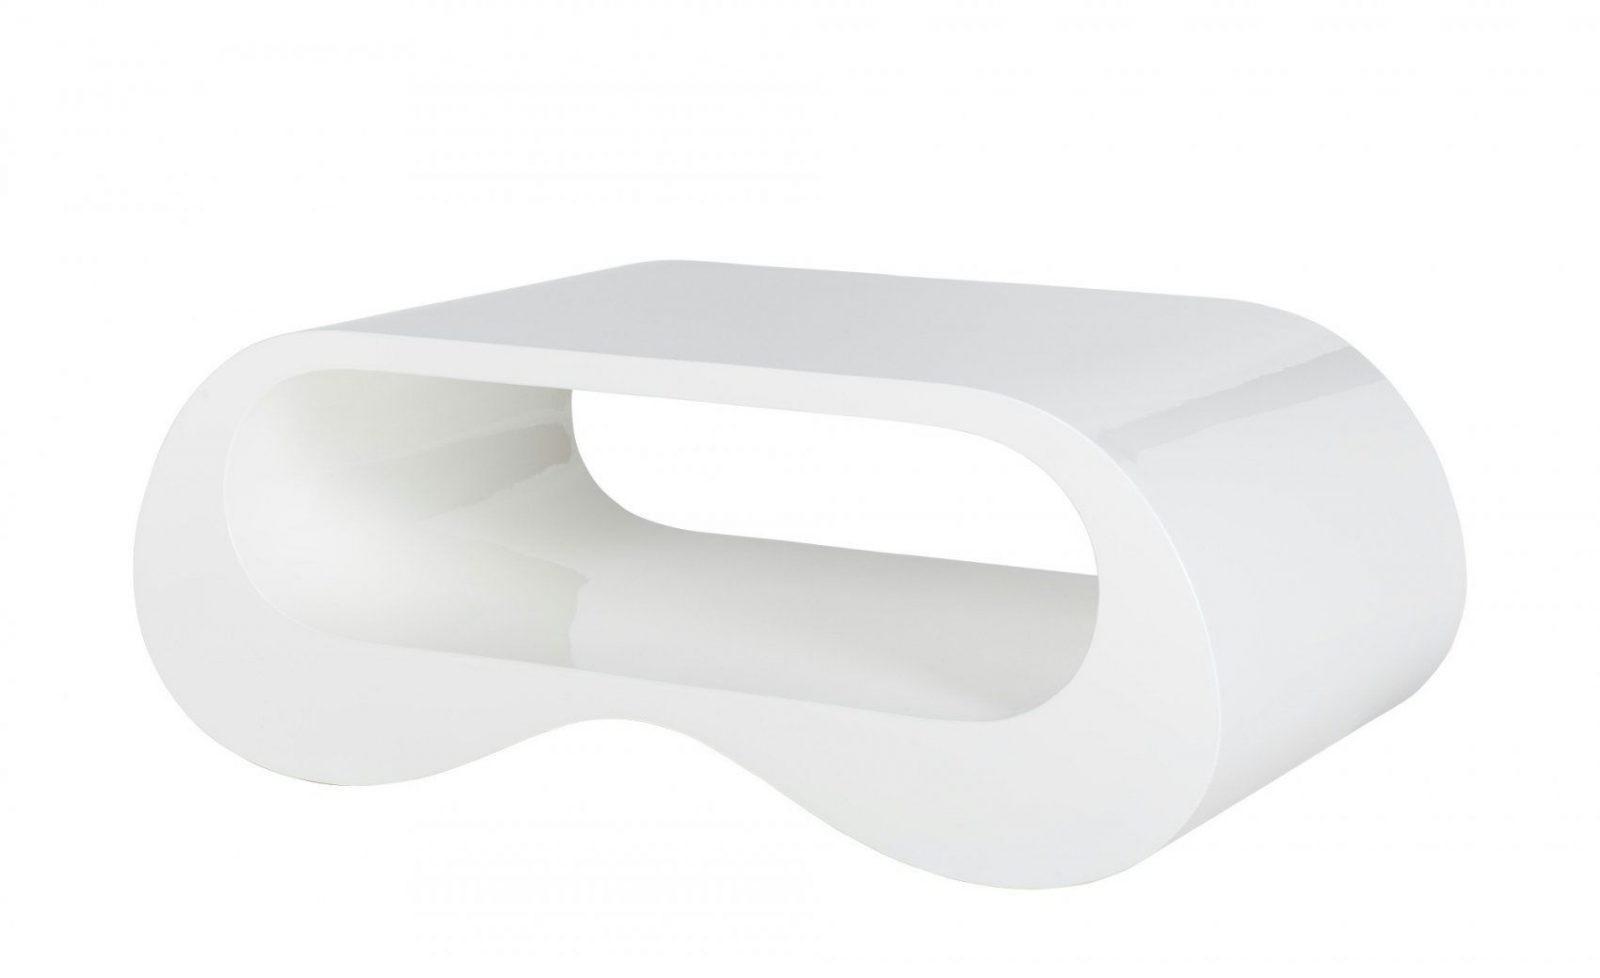 Couchtisch Weiß Hochglanz Pila  Möbel Höffner von Möbel Höffner Couchtisch Bild